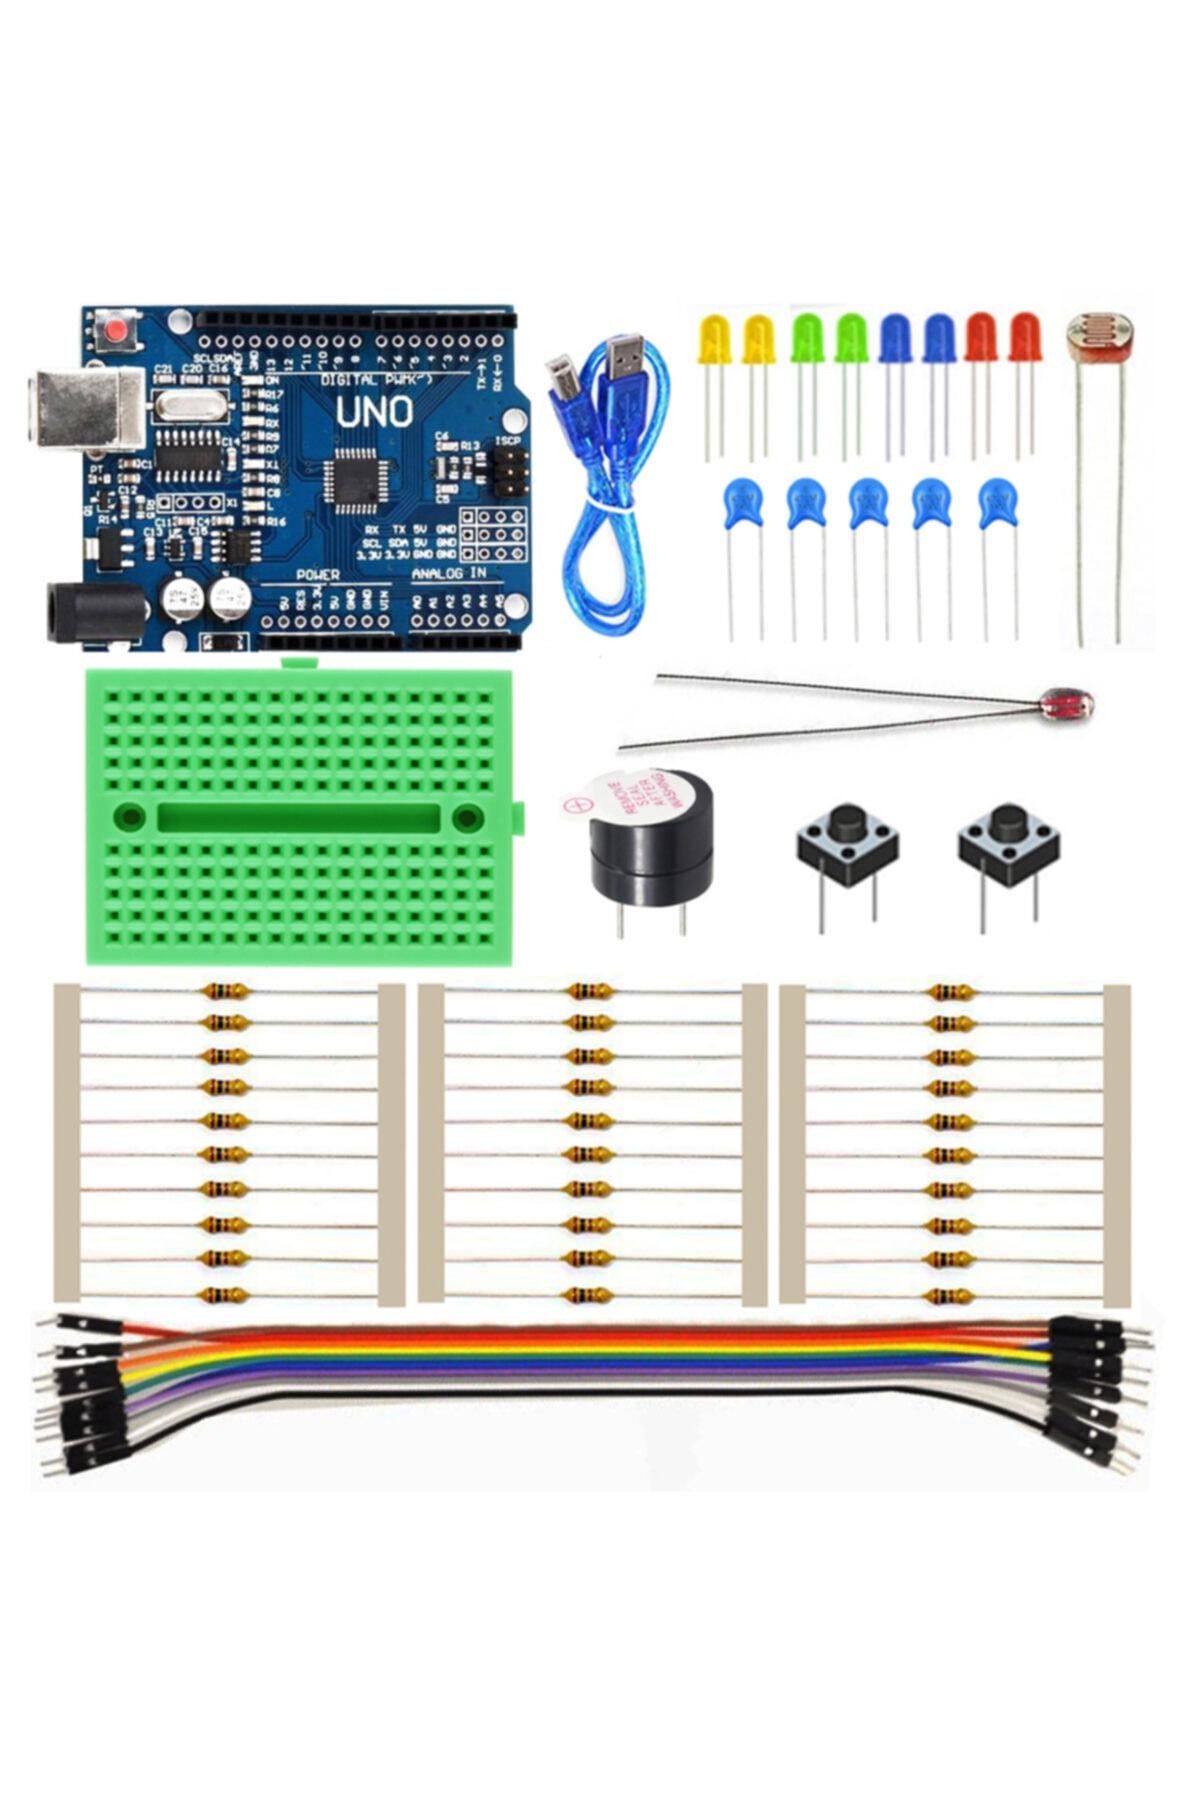 Arduino Uno Mini Başlangıç Seti - Yeni Başlayanlara Özel 61 Parça 1